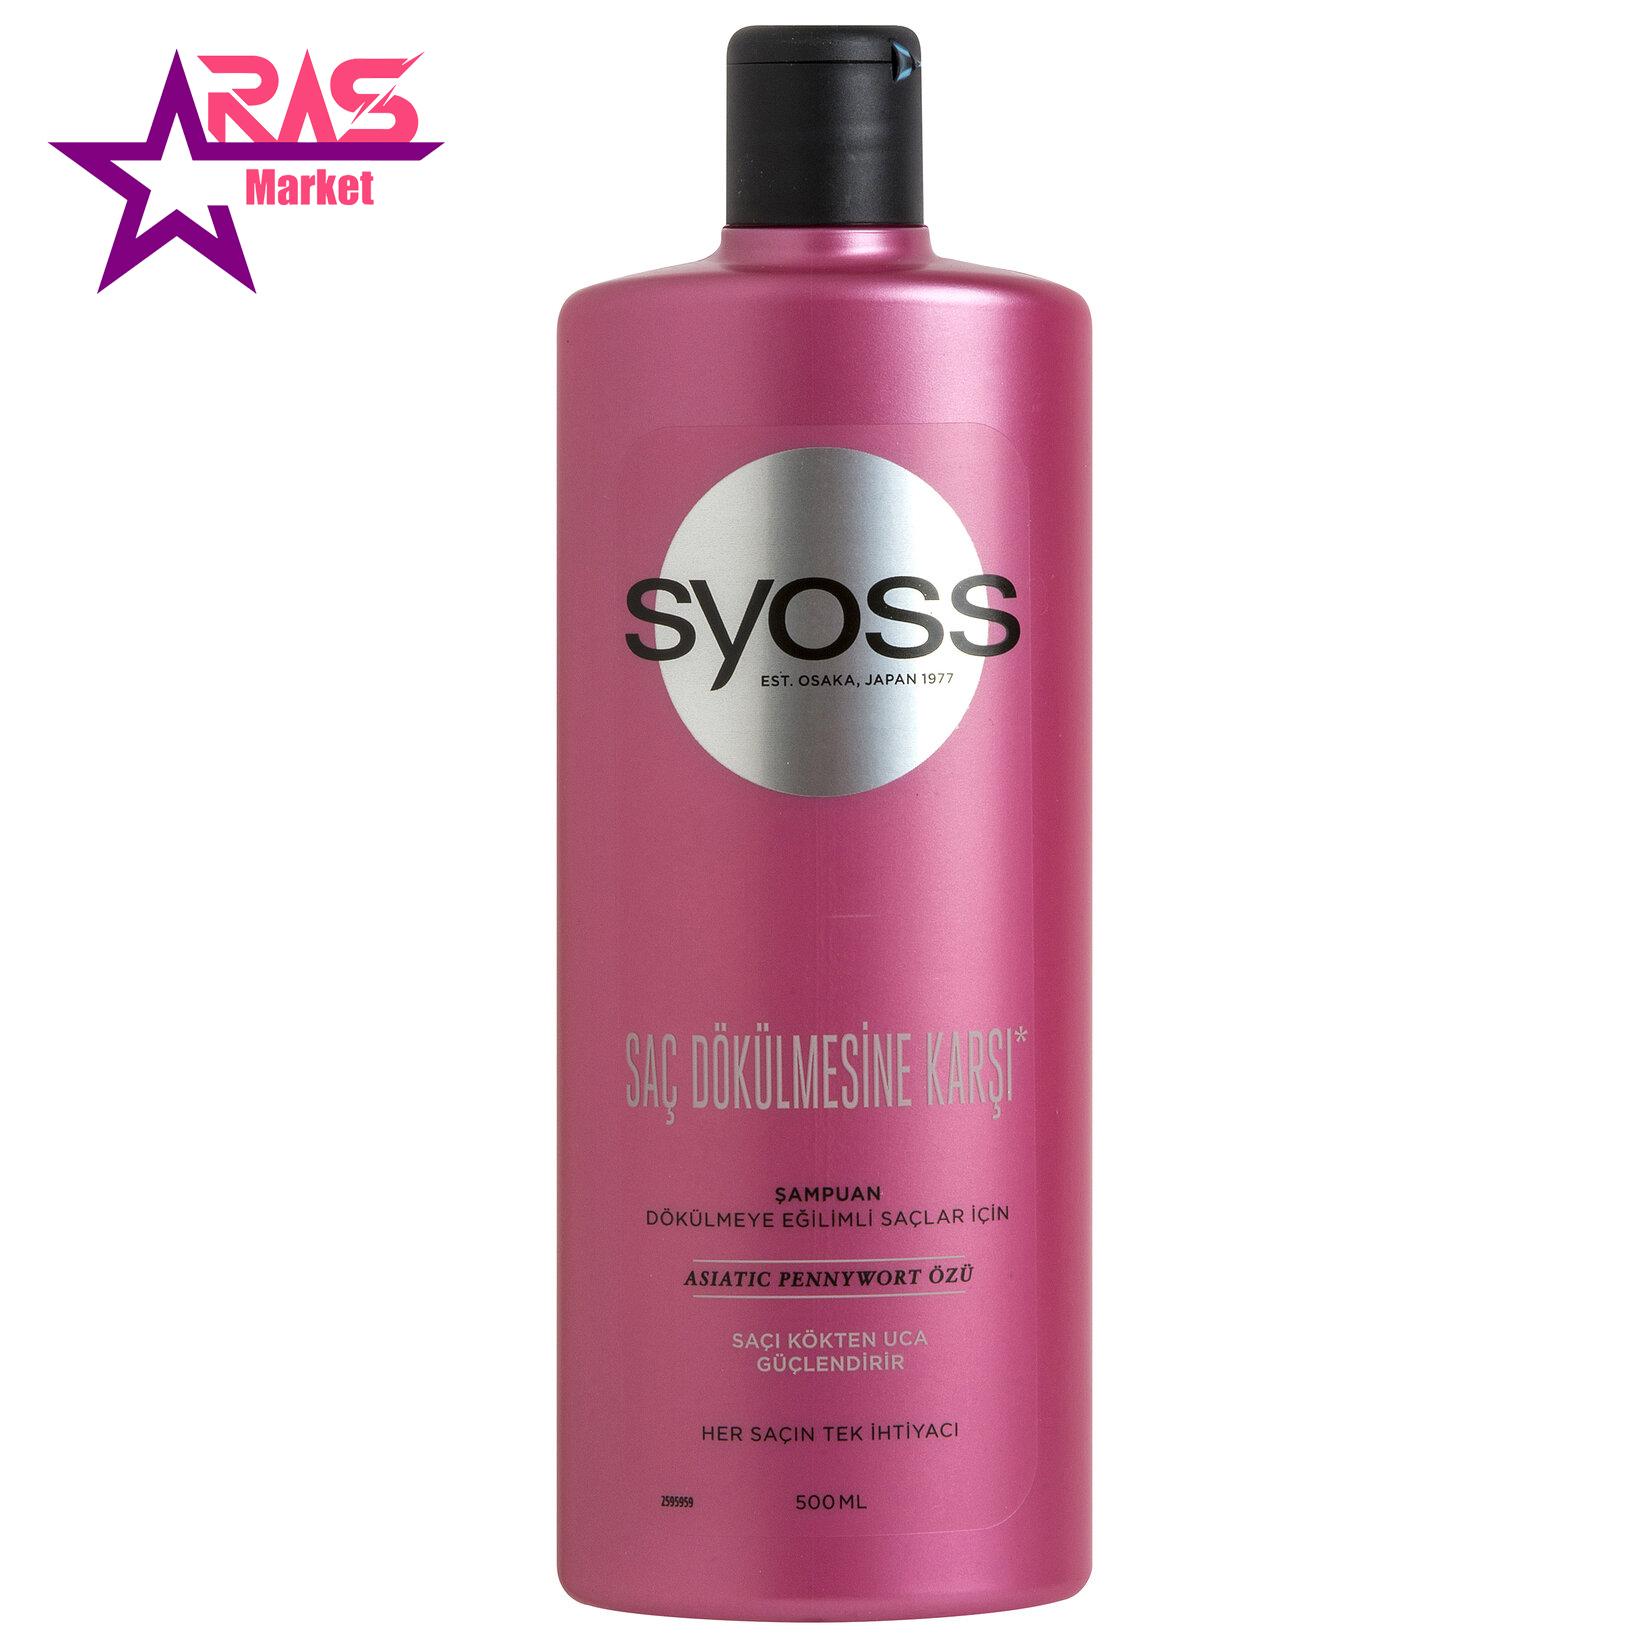 شامپو سایوس ضد ریزش مو Saç dökülmesine karşı حجم 500 میلی لیتر ، فروشگاه اینترنتی ارس مارکت ، استحمام